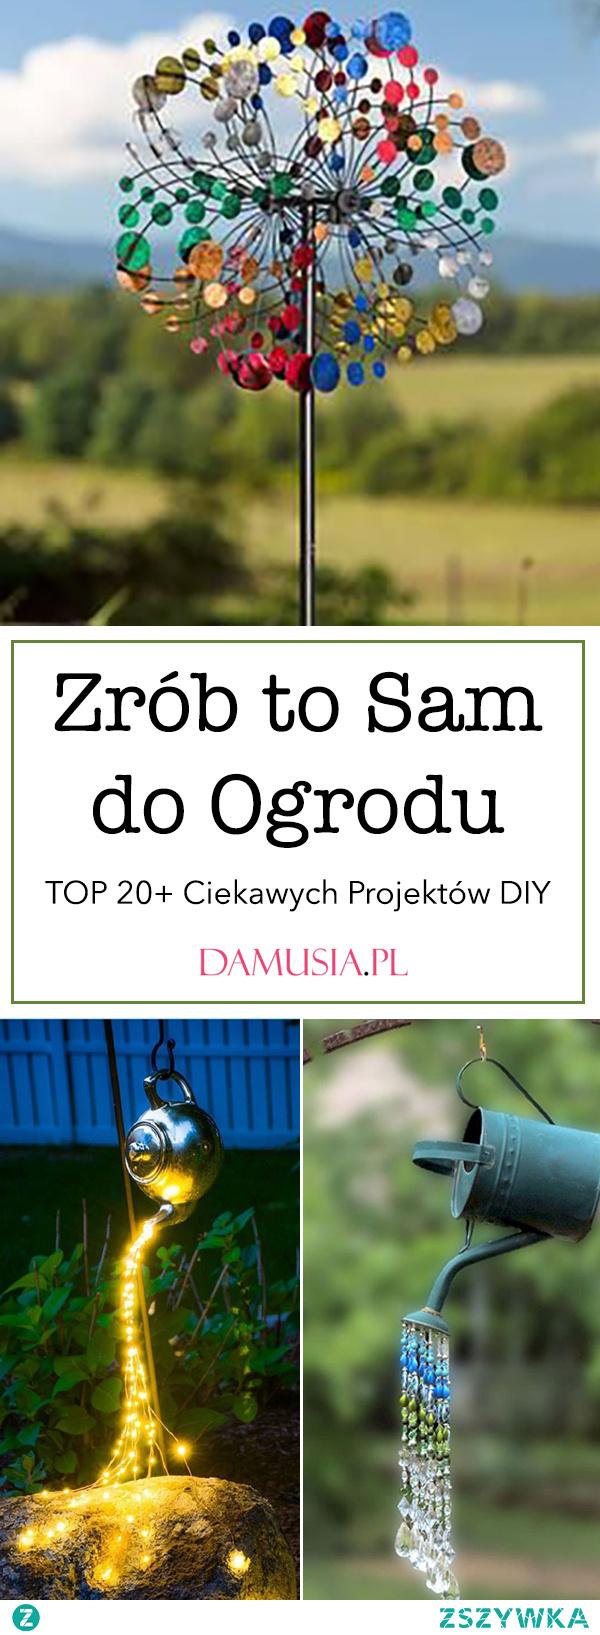 Zrób to Sam do Ogrodu – TOP 20+ Ciekawych Projektów DIY